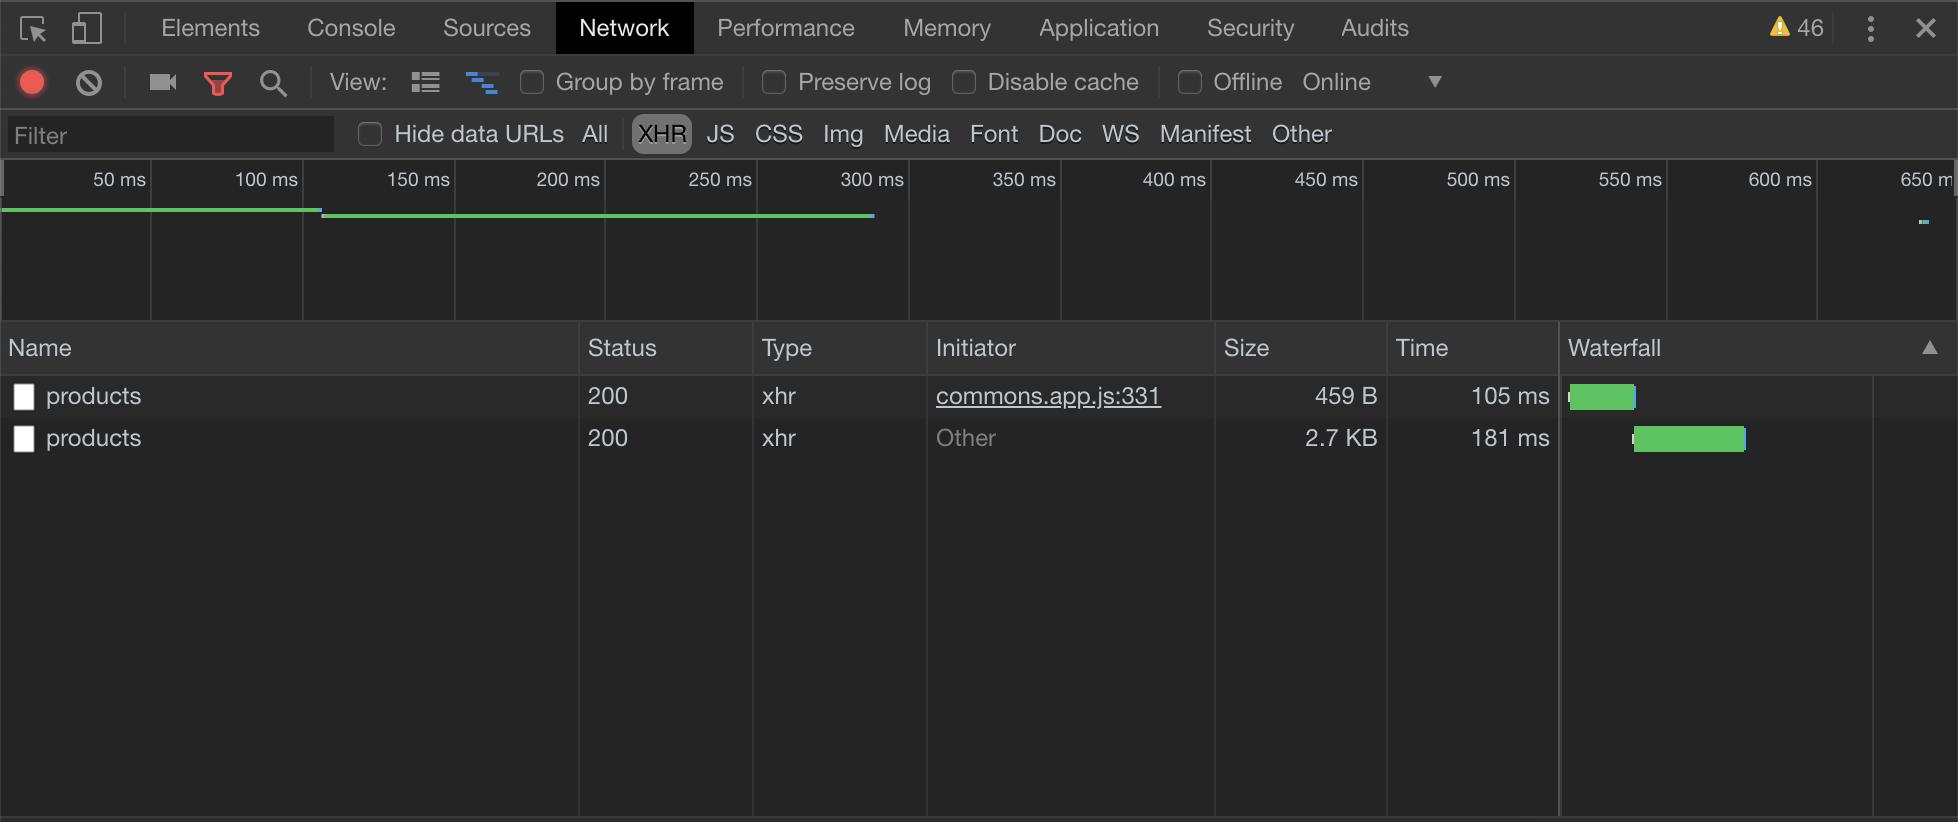 screenshot 2018-10-19 at 09 34 01